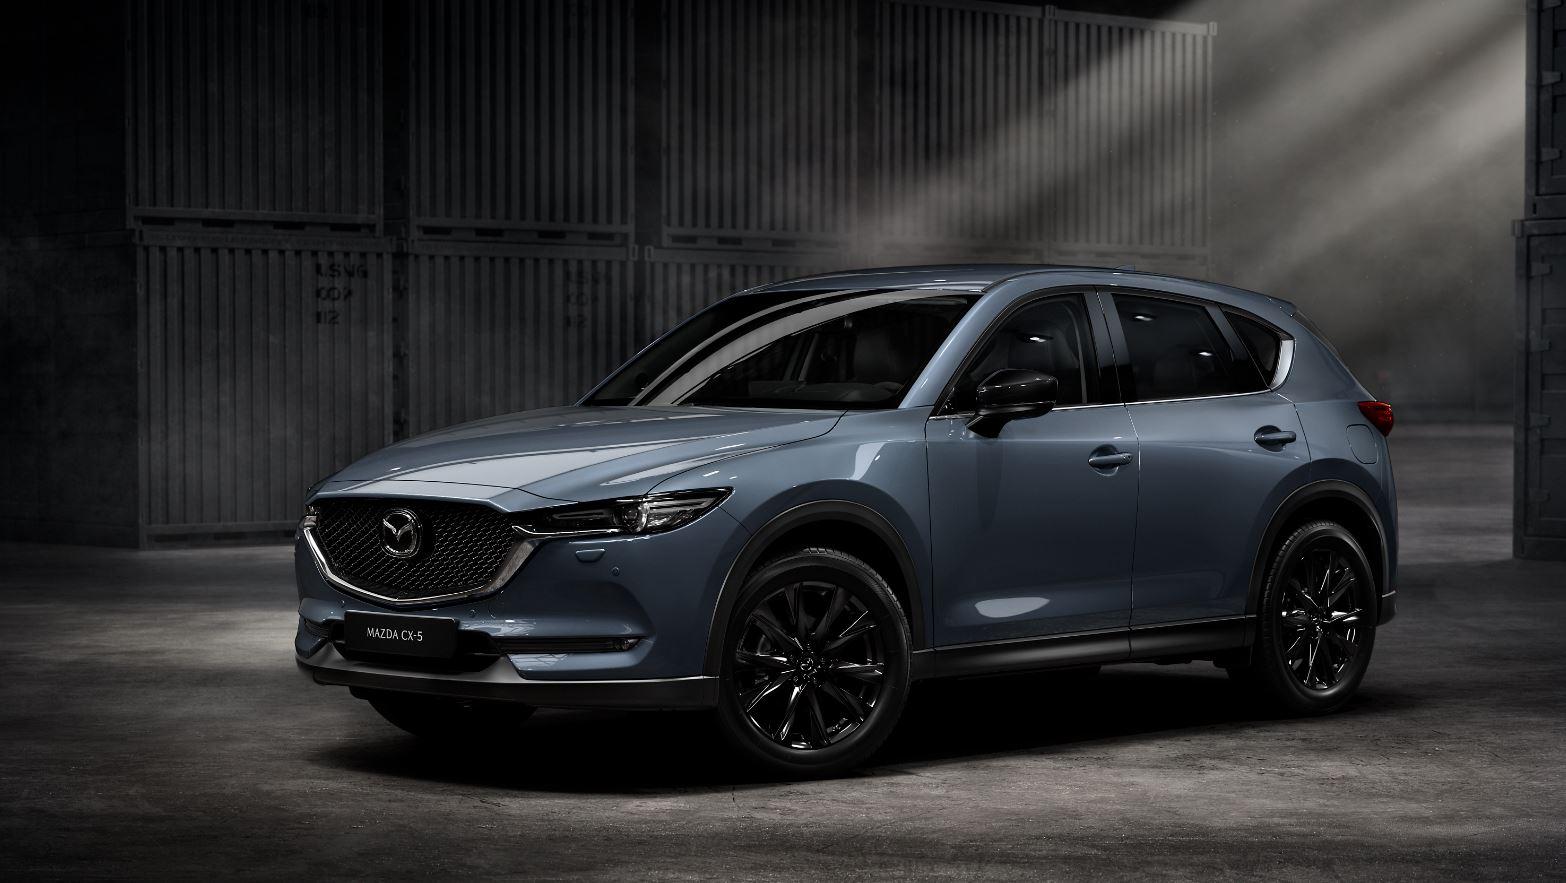 Gray 2021 Mazda CX-5 SUV